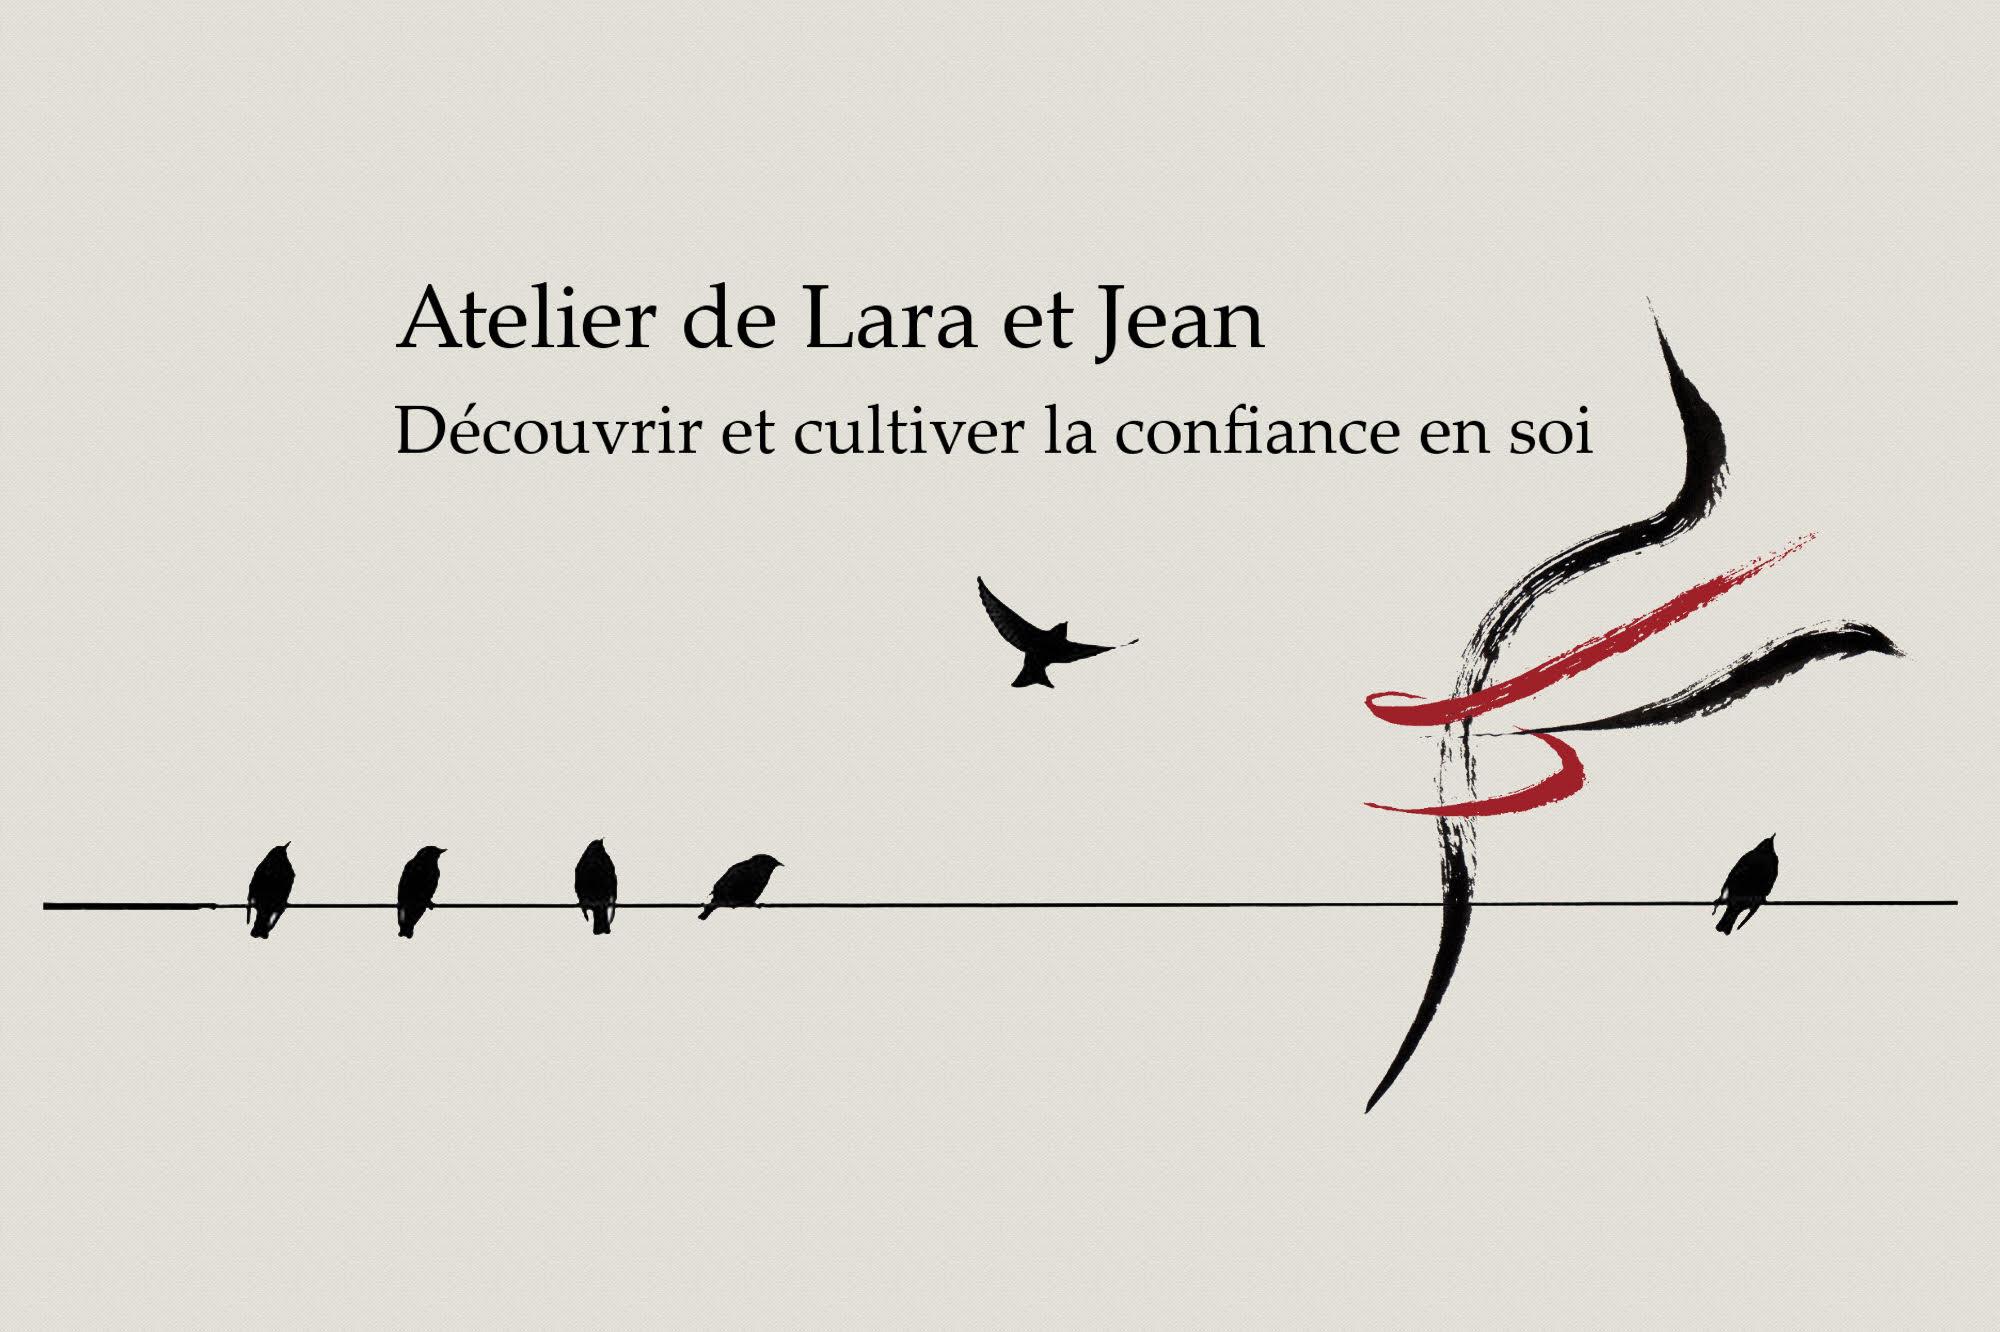 Atelier Lara et Jean